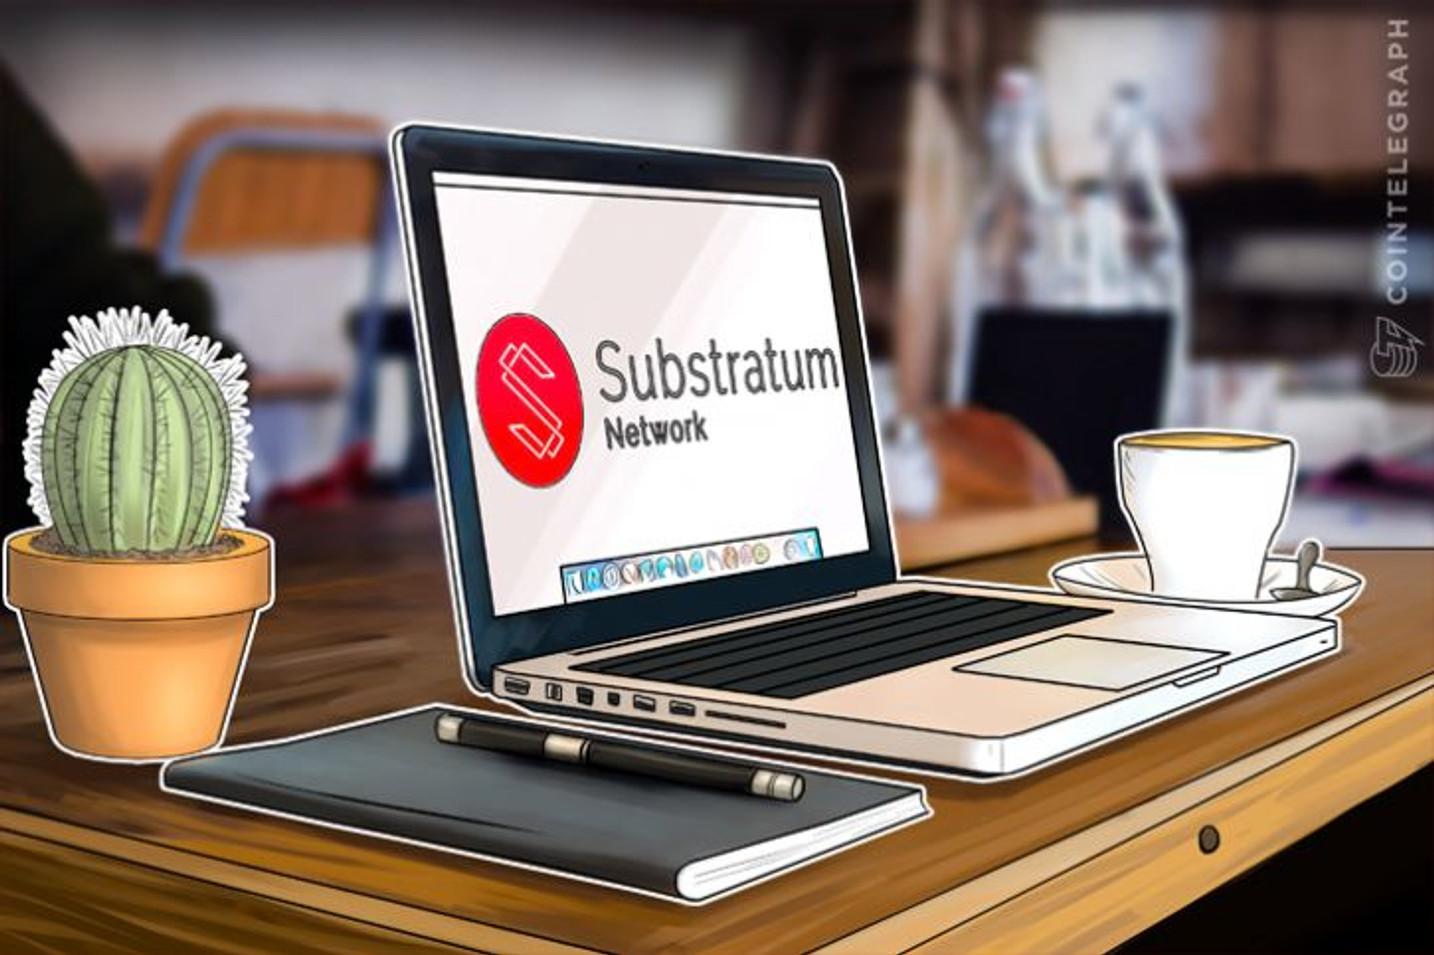 SubstratumのICOは自由で公平なインターネットを構築する